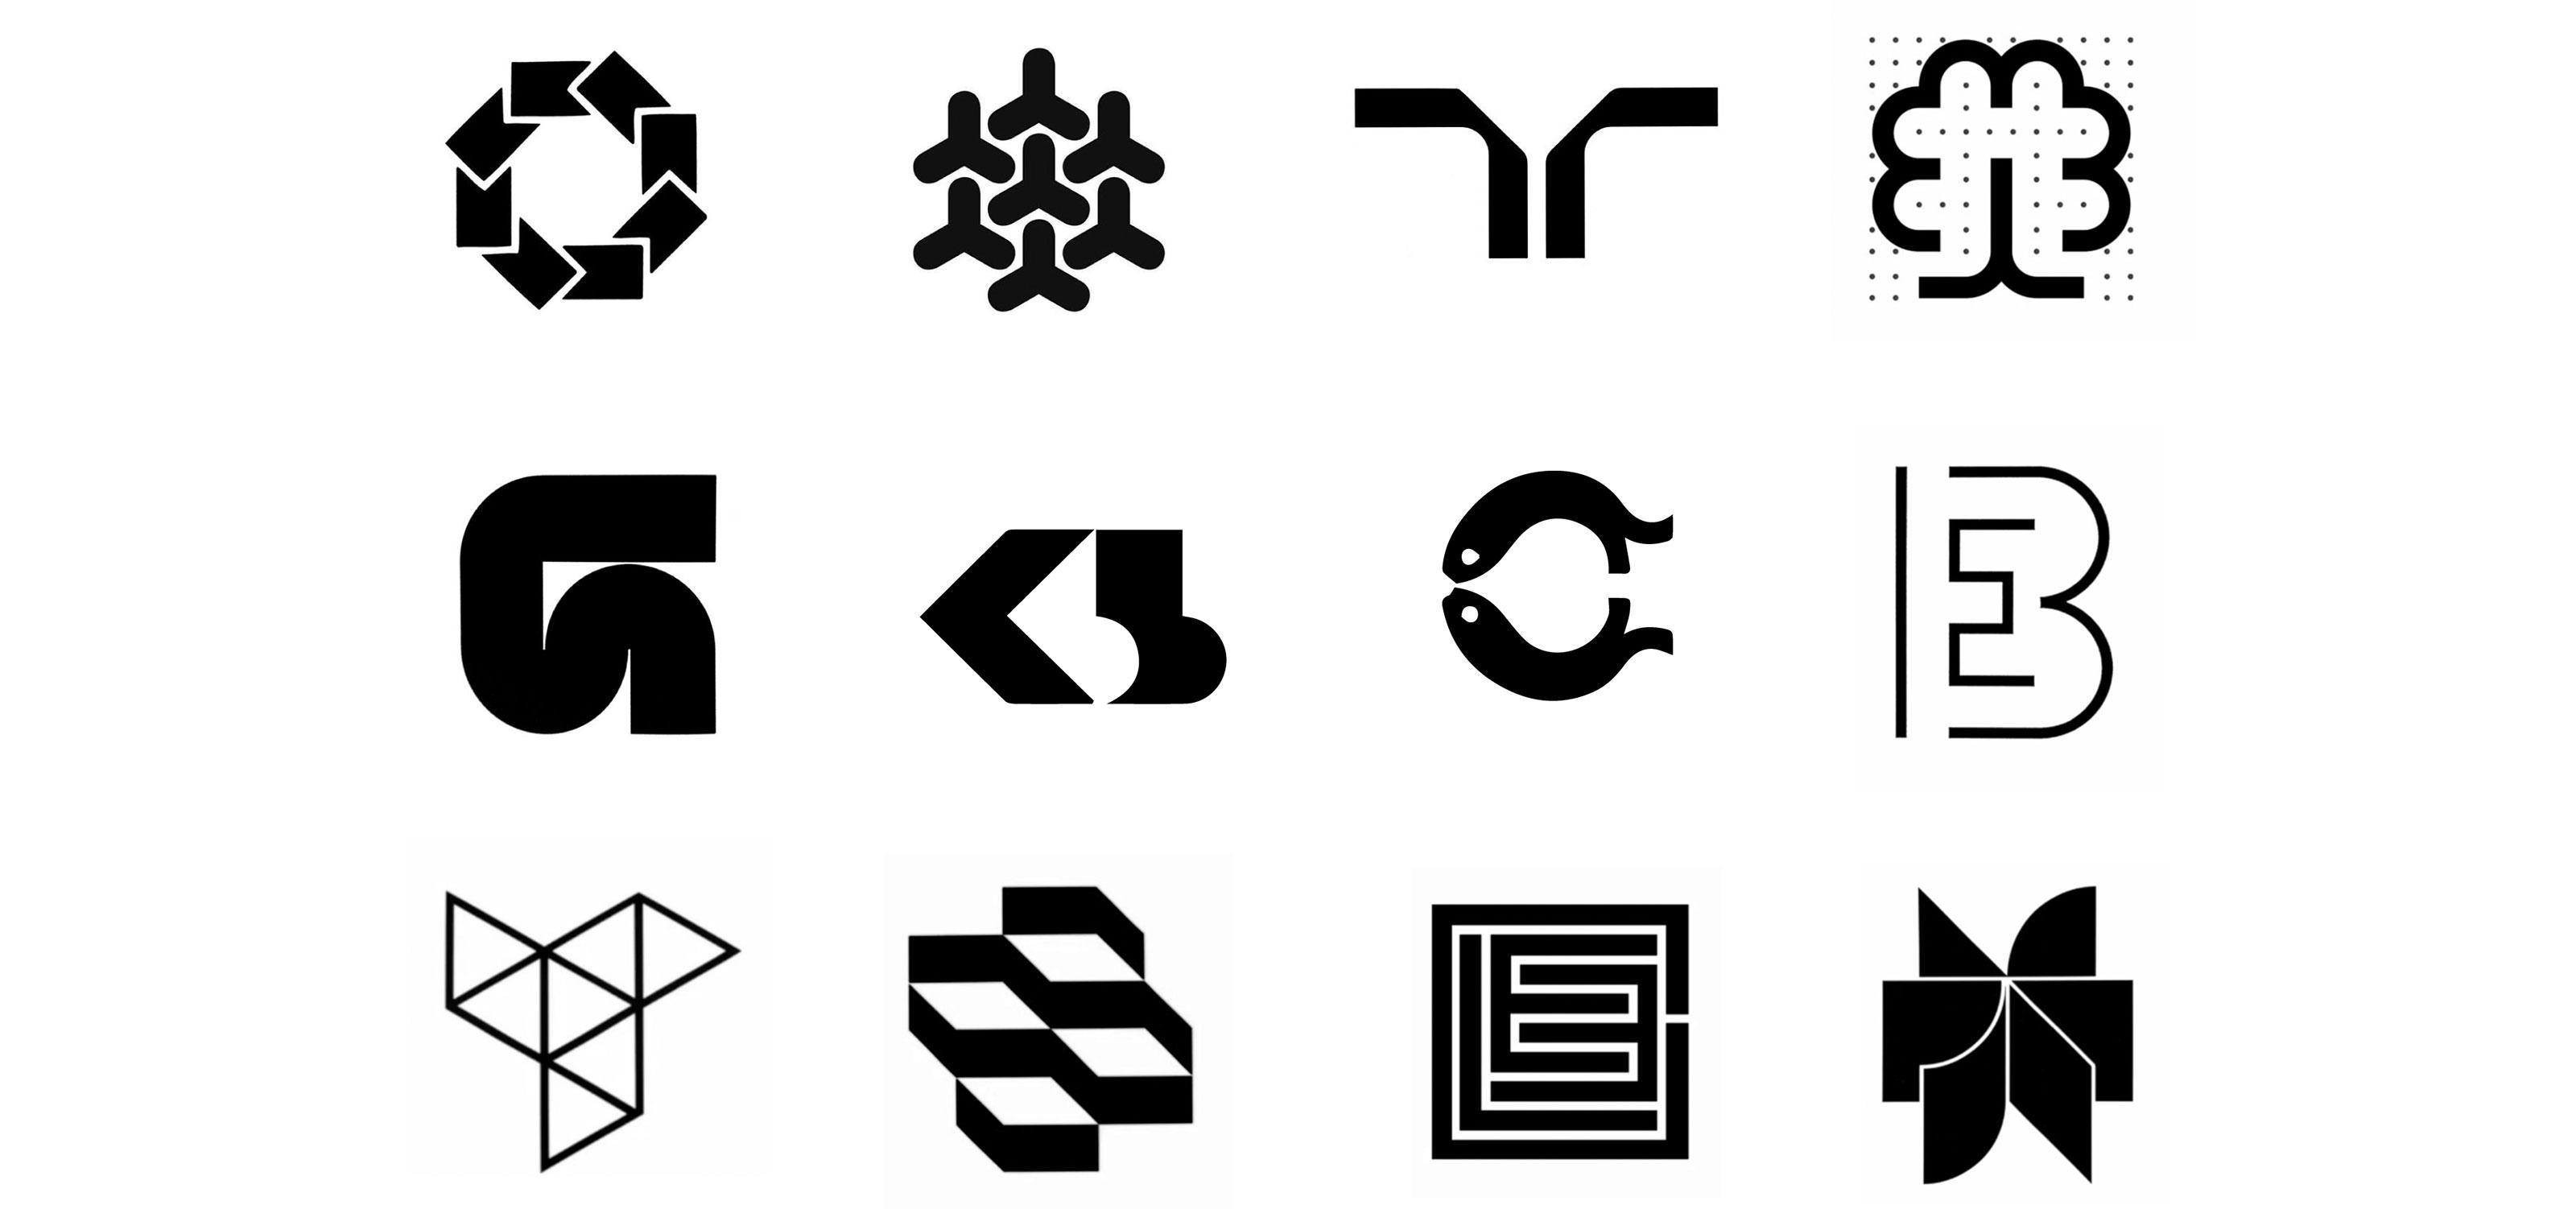 ben-bos-logos-index-grafik